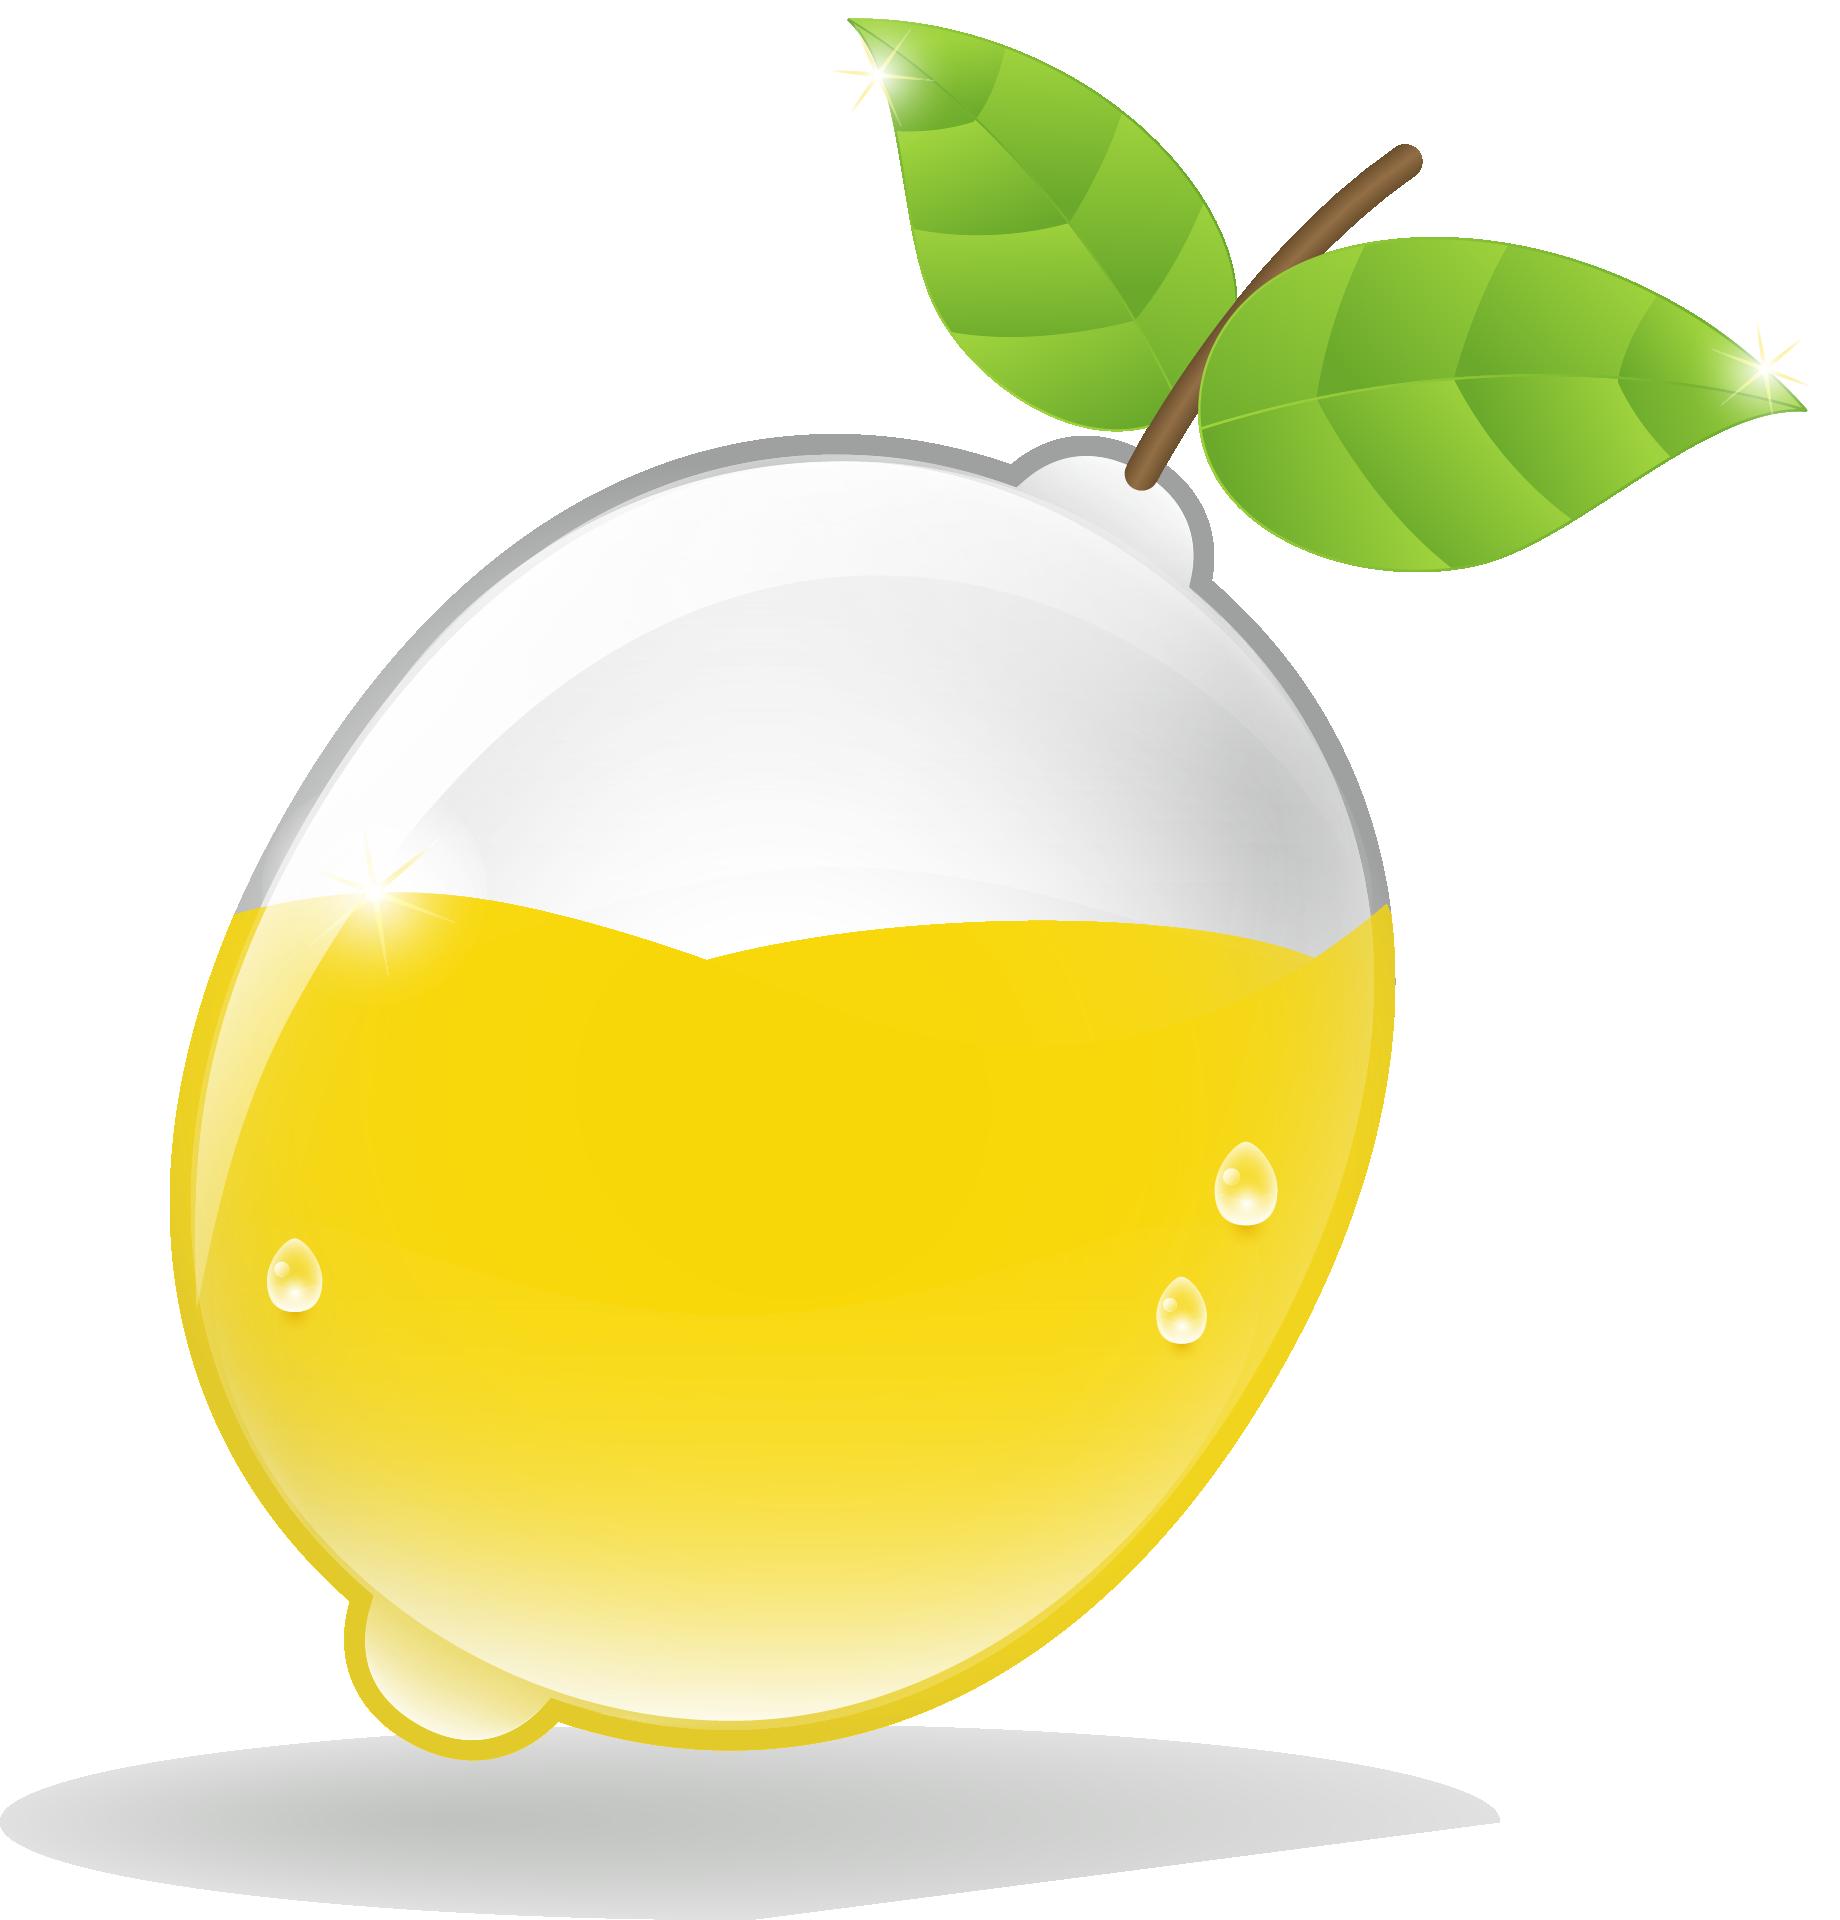 Juice lemon photography clip. Lemons clipart fruit